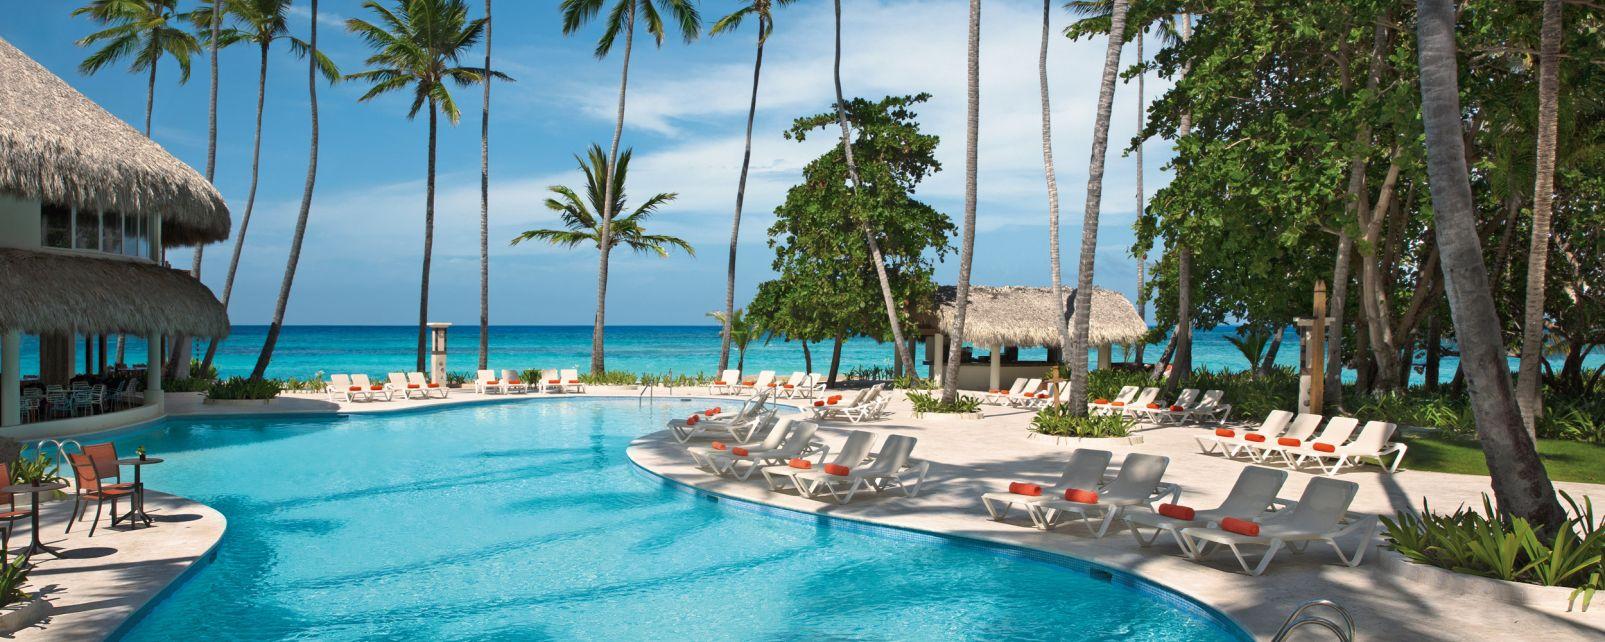 Impressive Resort Spa